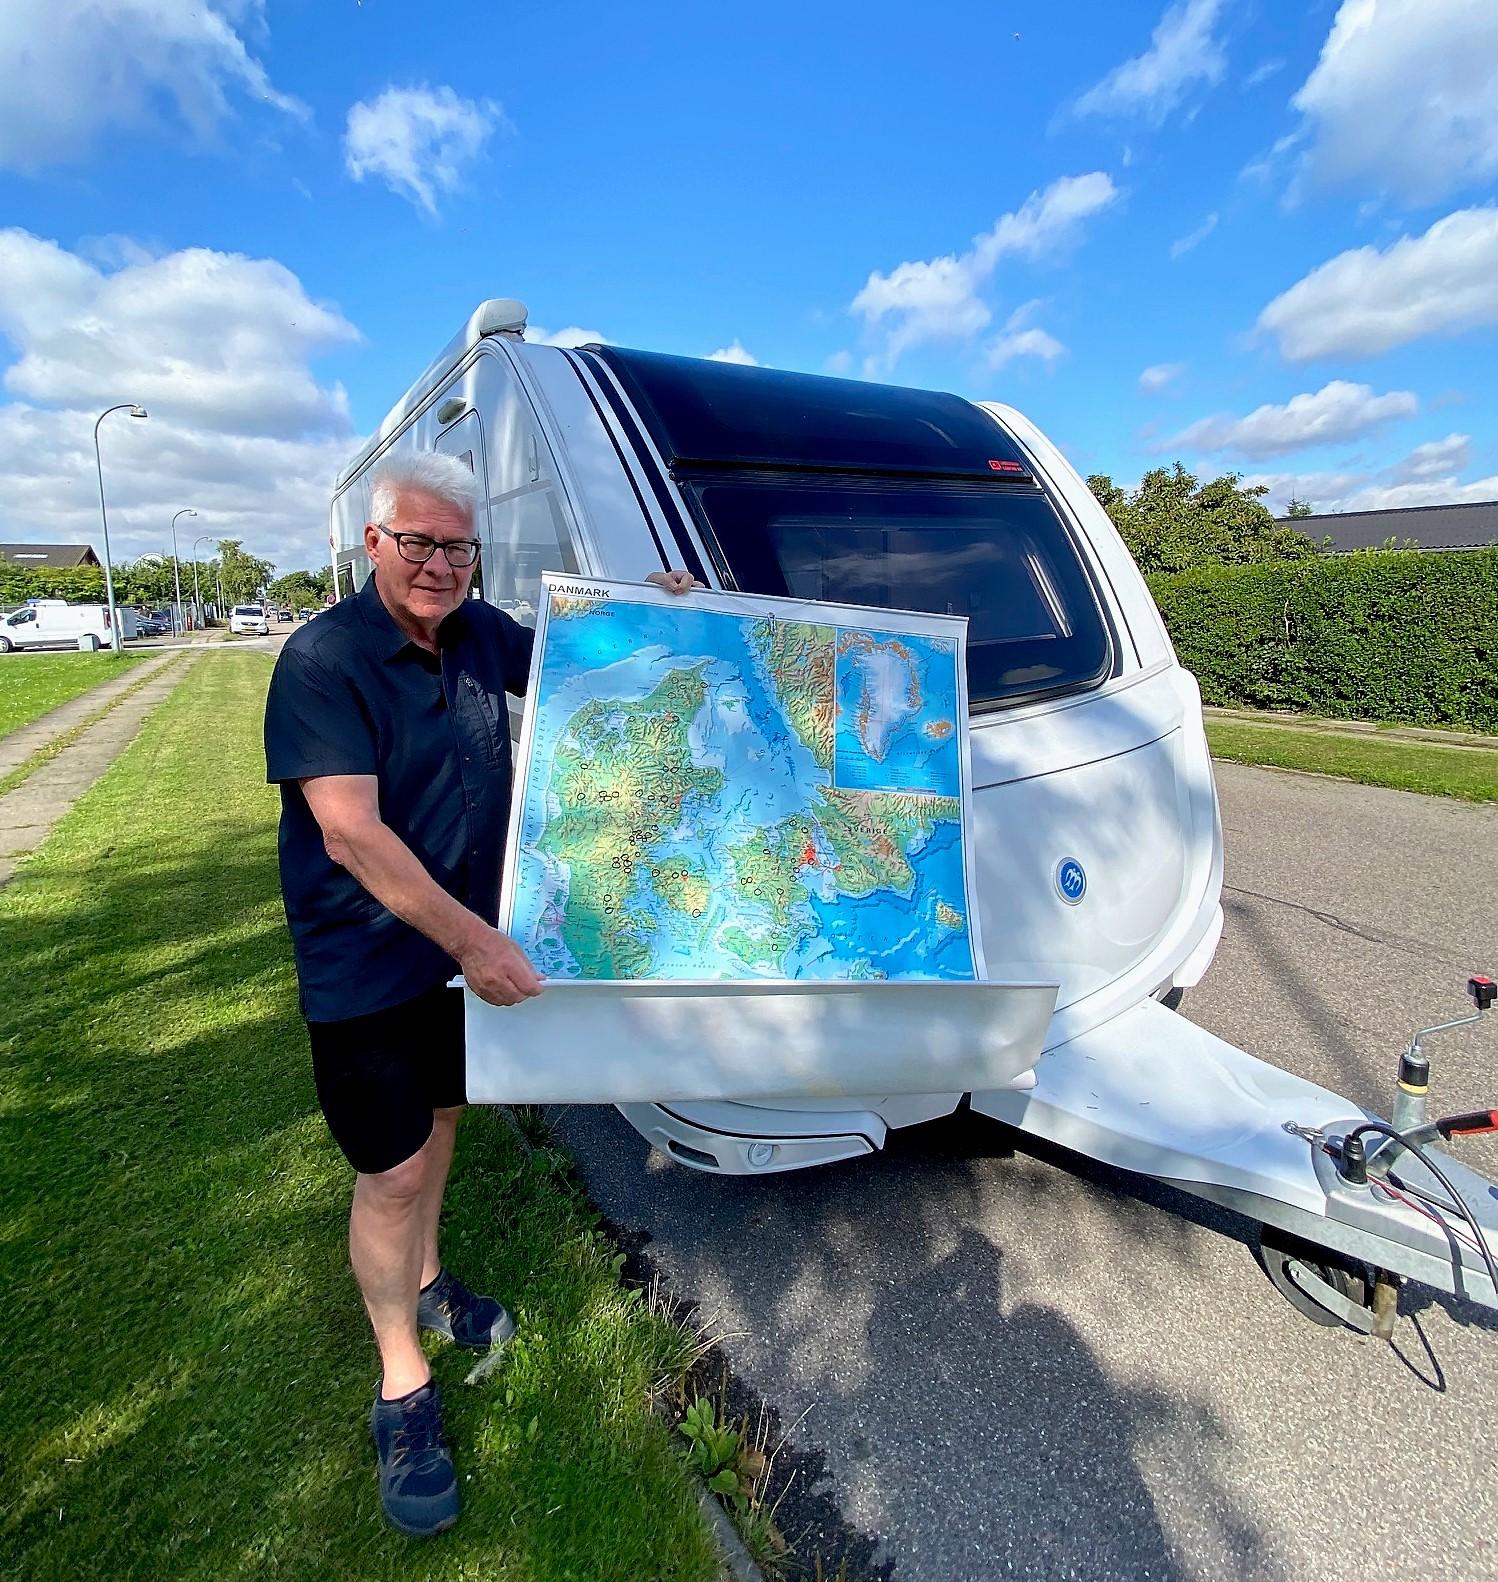 Campingferie i Danmark er skønt - uanset vejret